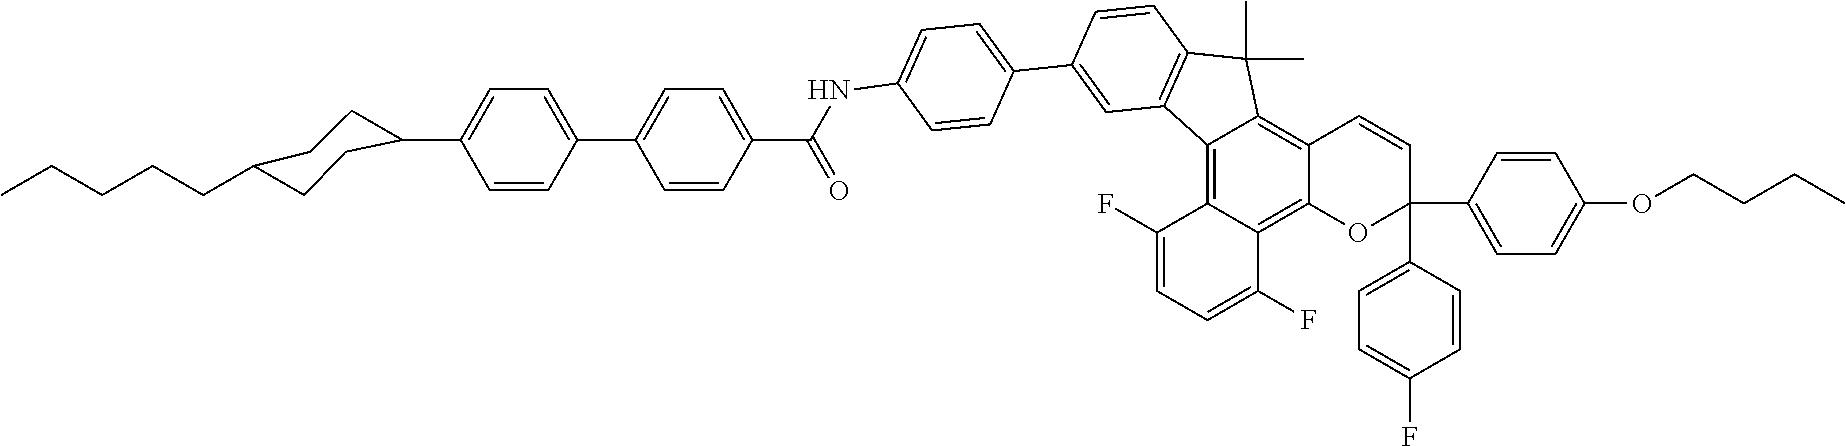 Figure US08779168-20140715-C00041